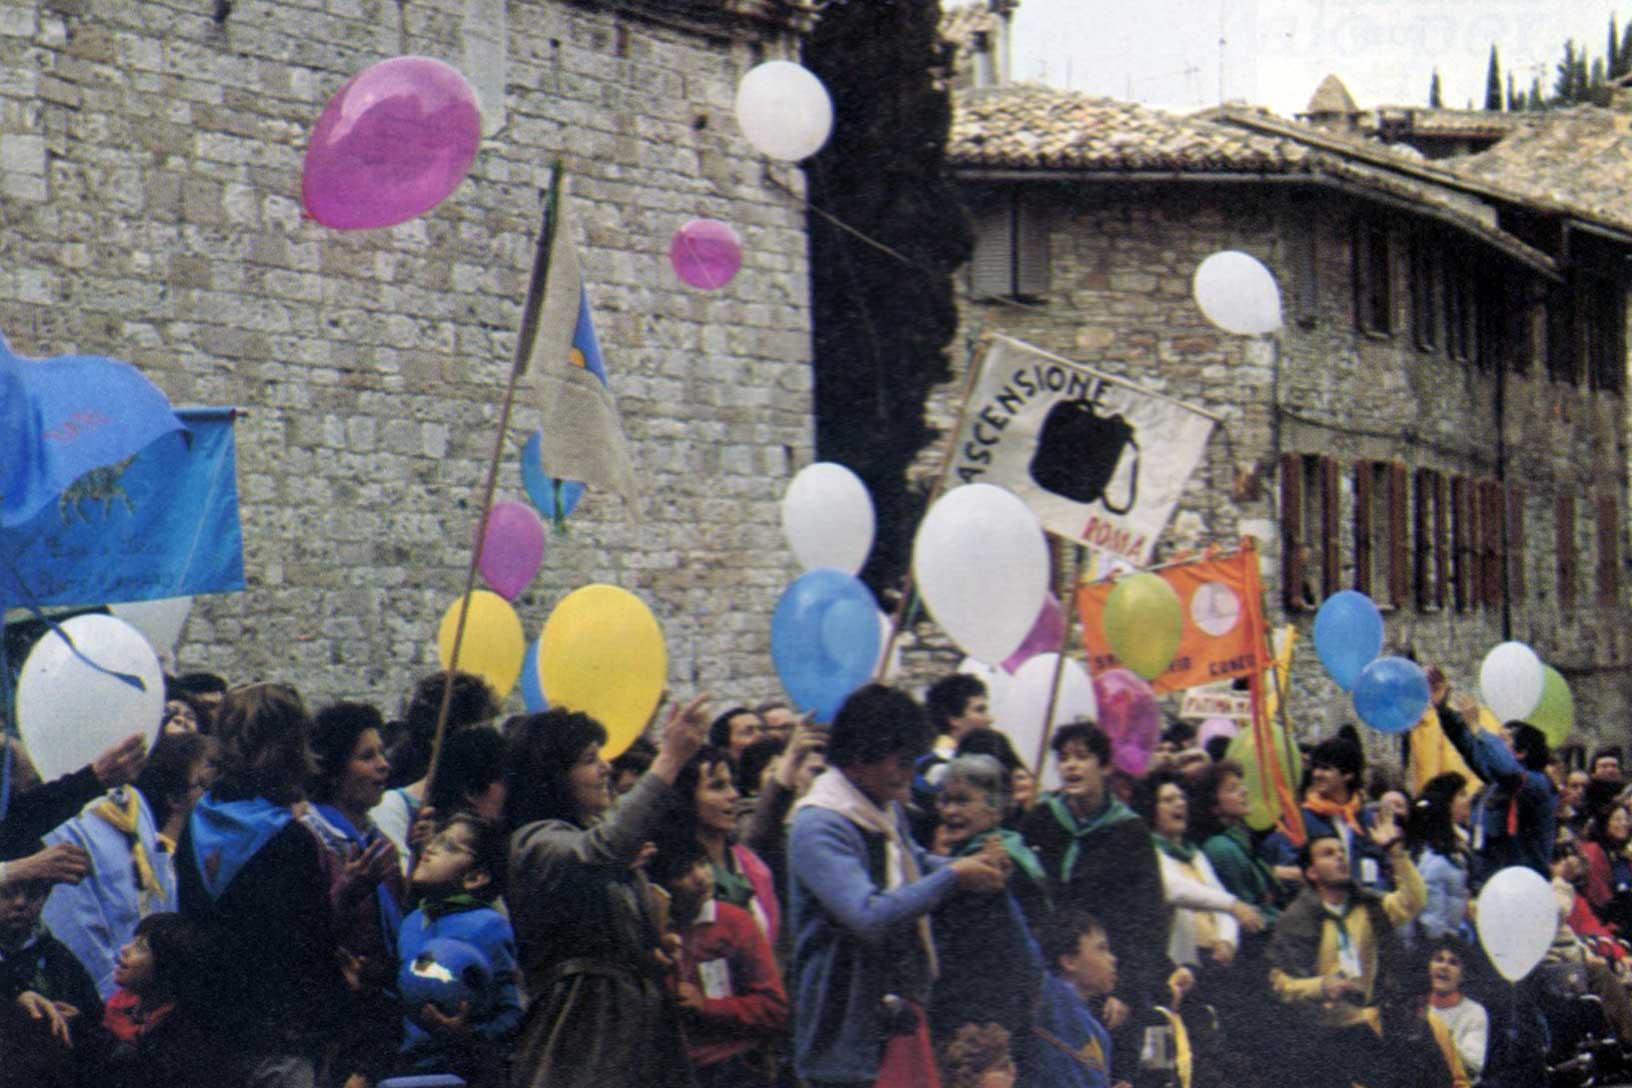 026 - Le foto del pellegrinaggio di Assisi 1986 - Ombre e Luci n.14, 1986